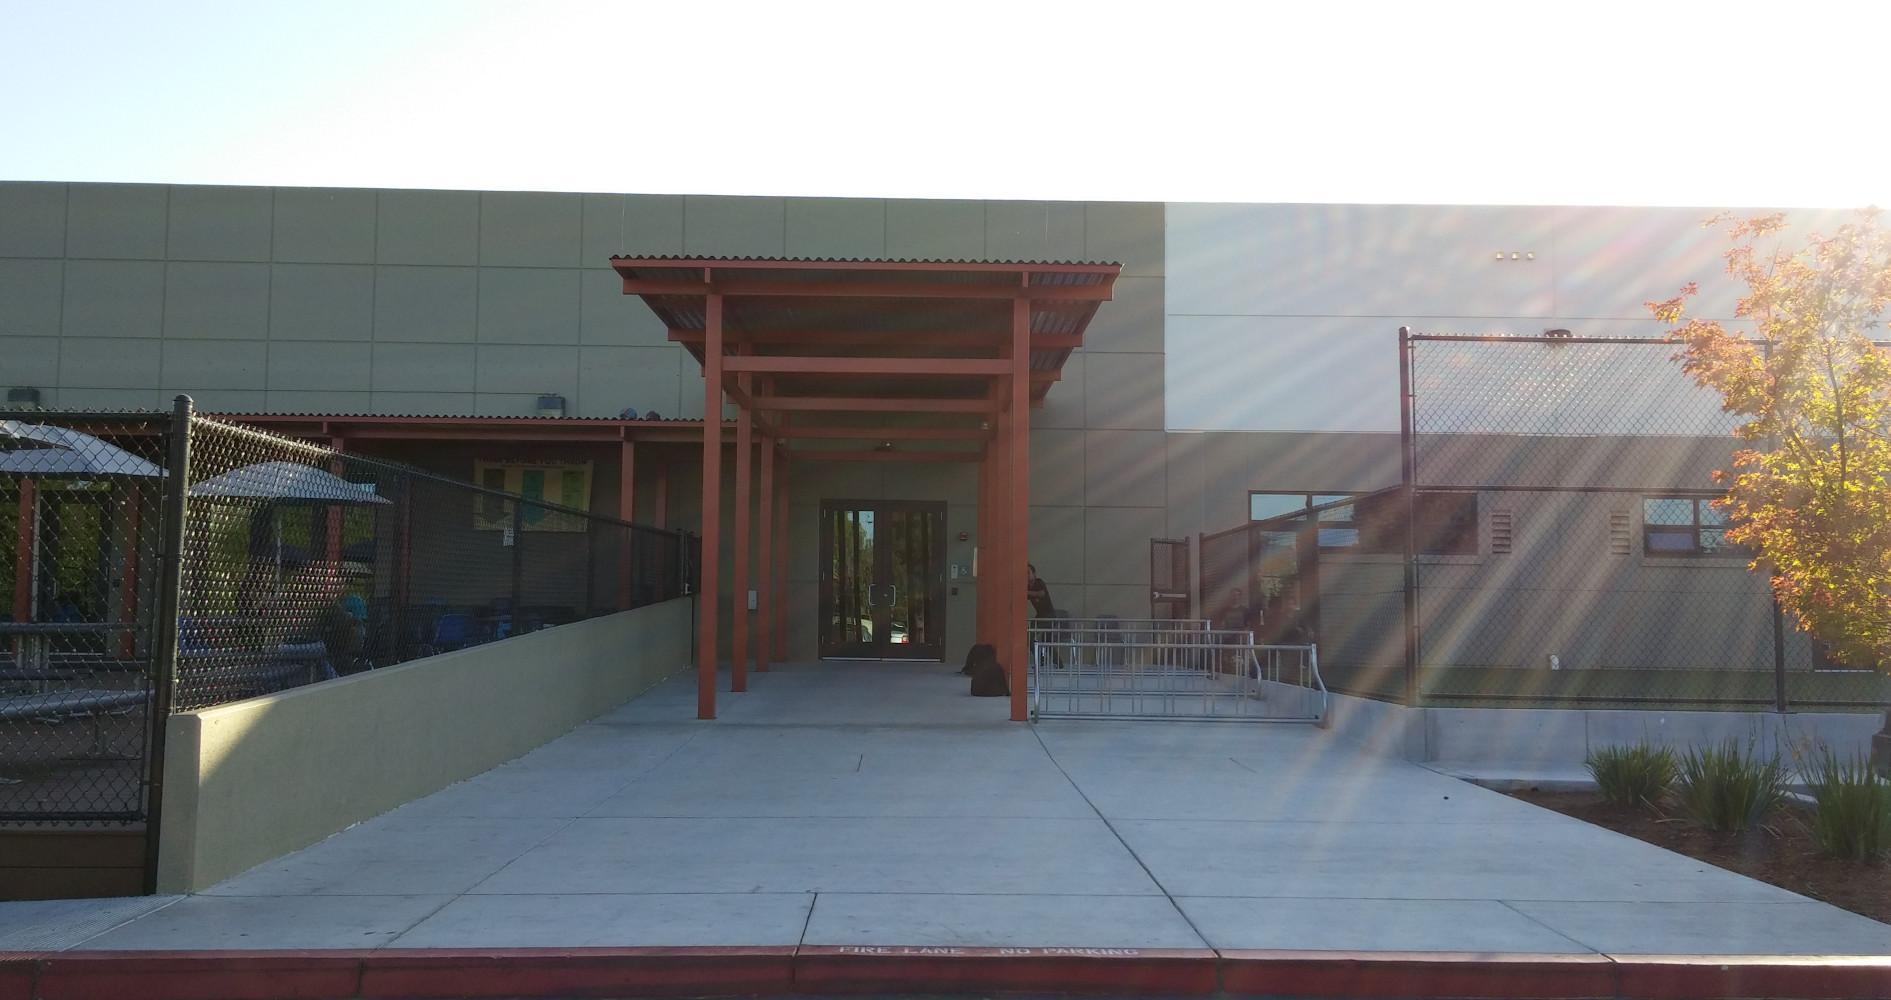 Main entrance to Ceiba College Prep